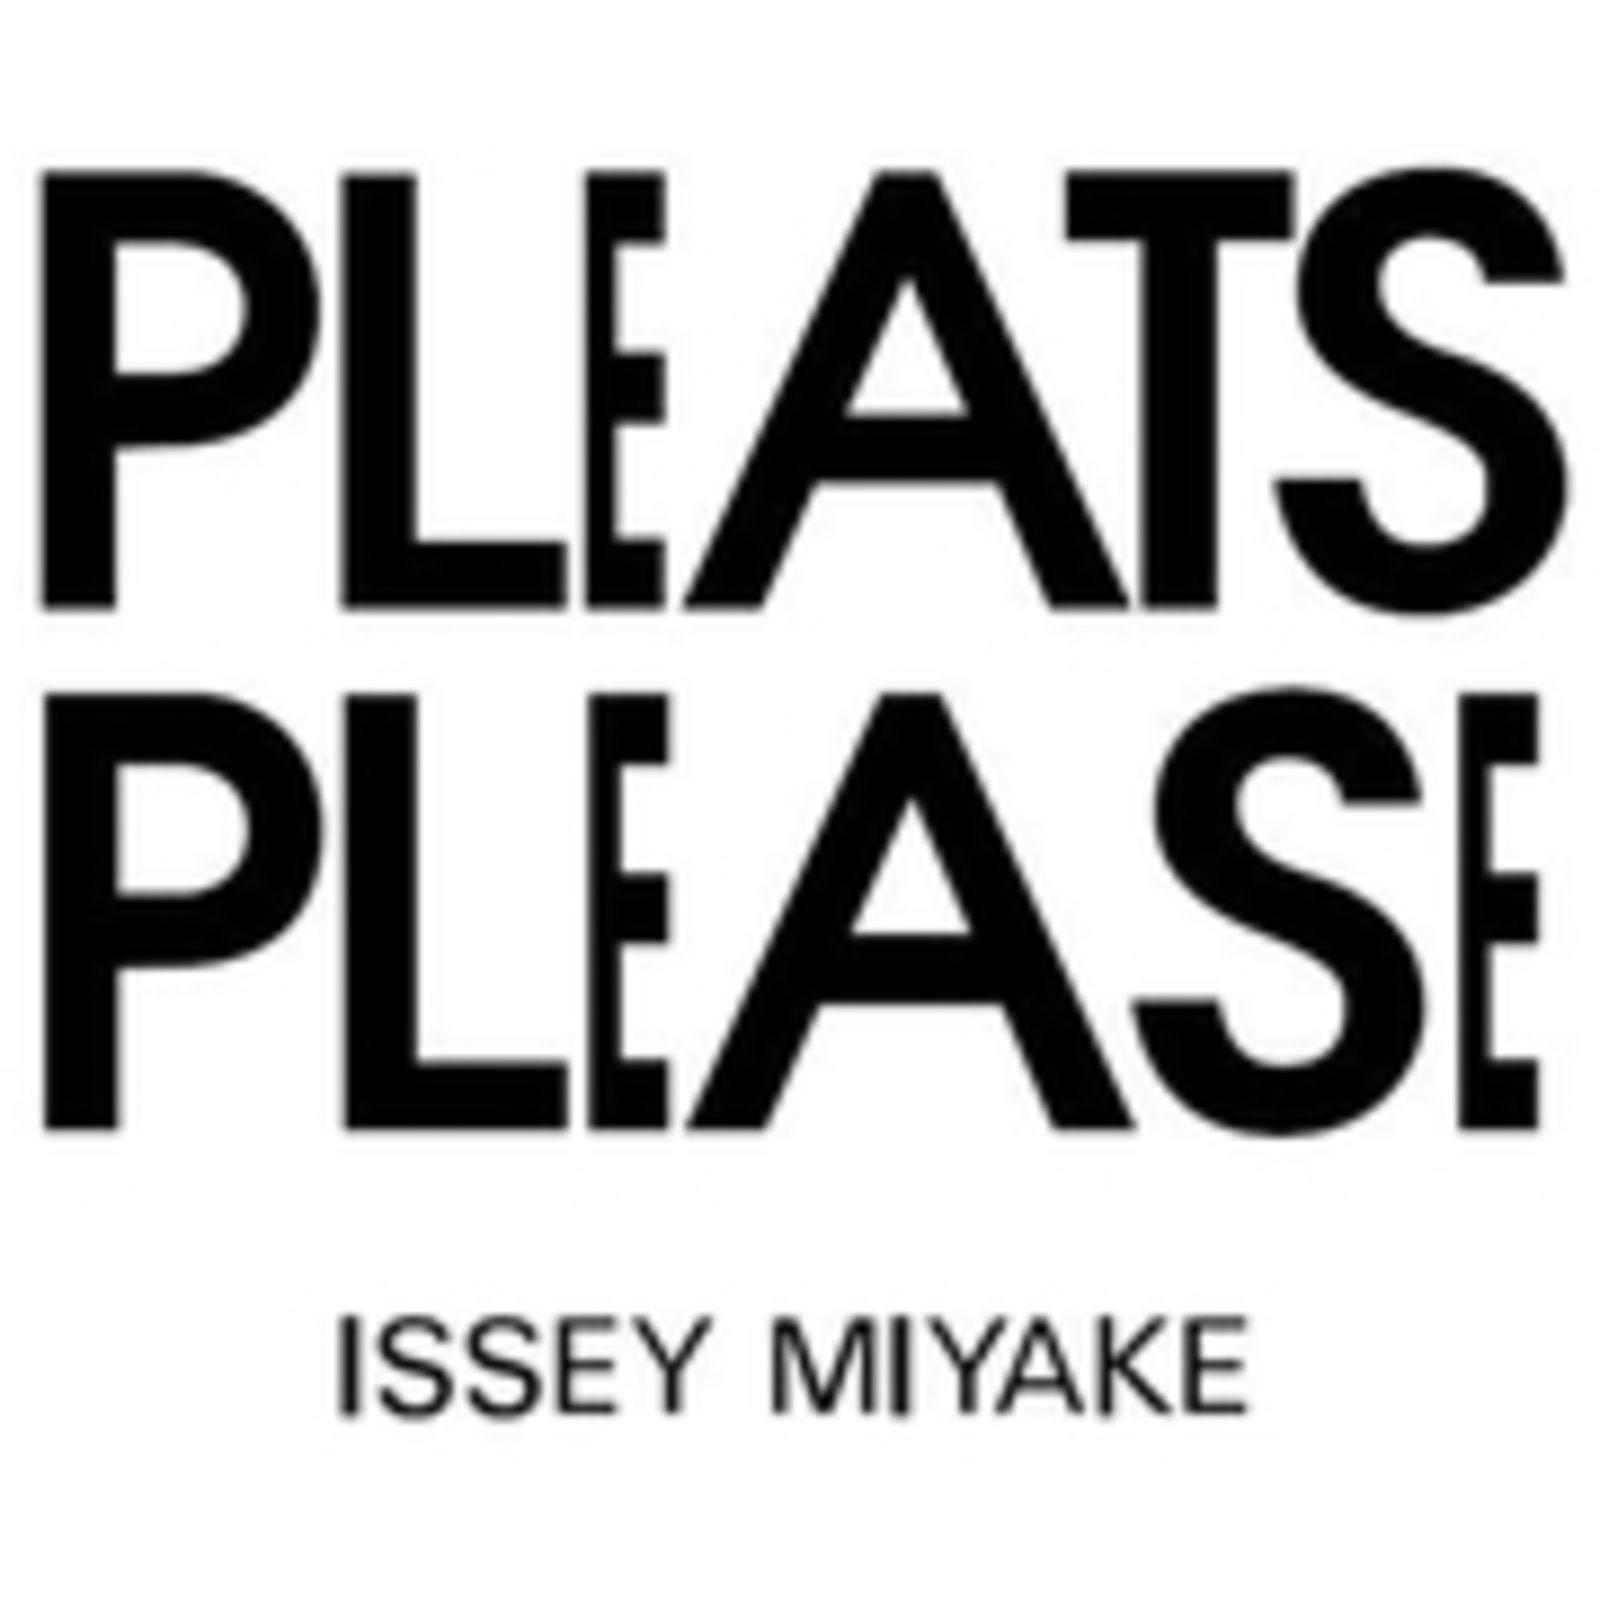 PLEATS PLEASE ISSEY MIYAKE (Bild 1)